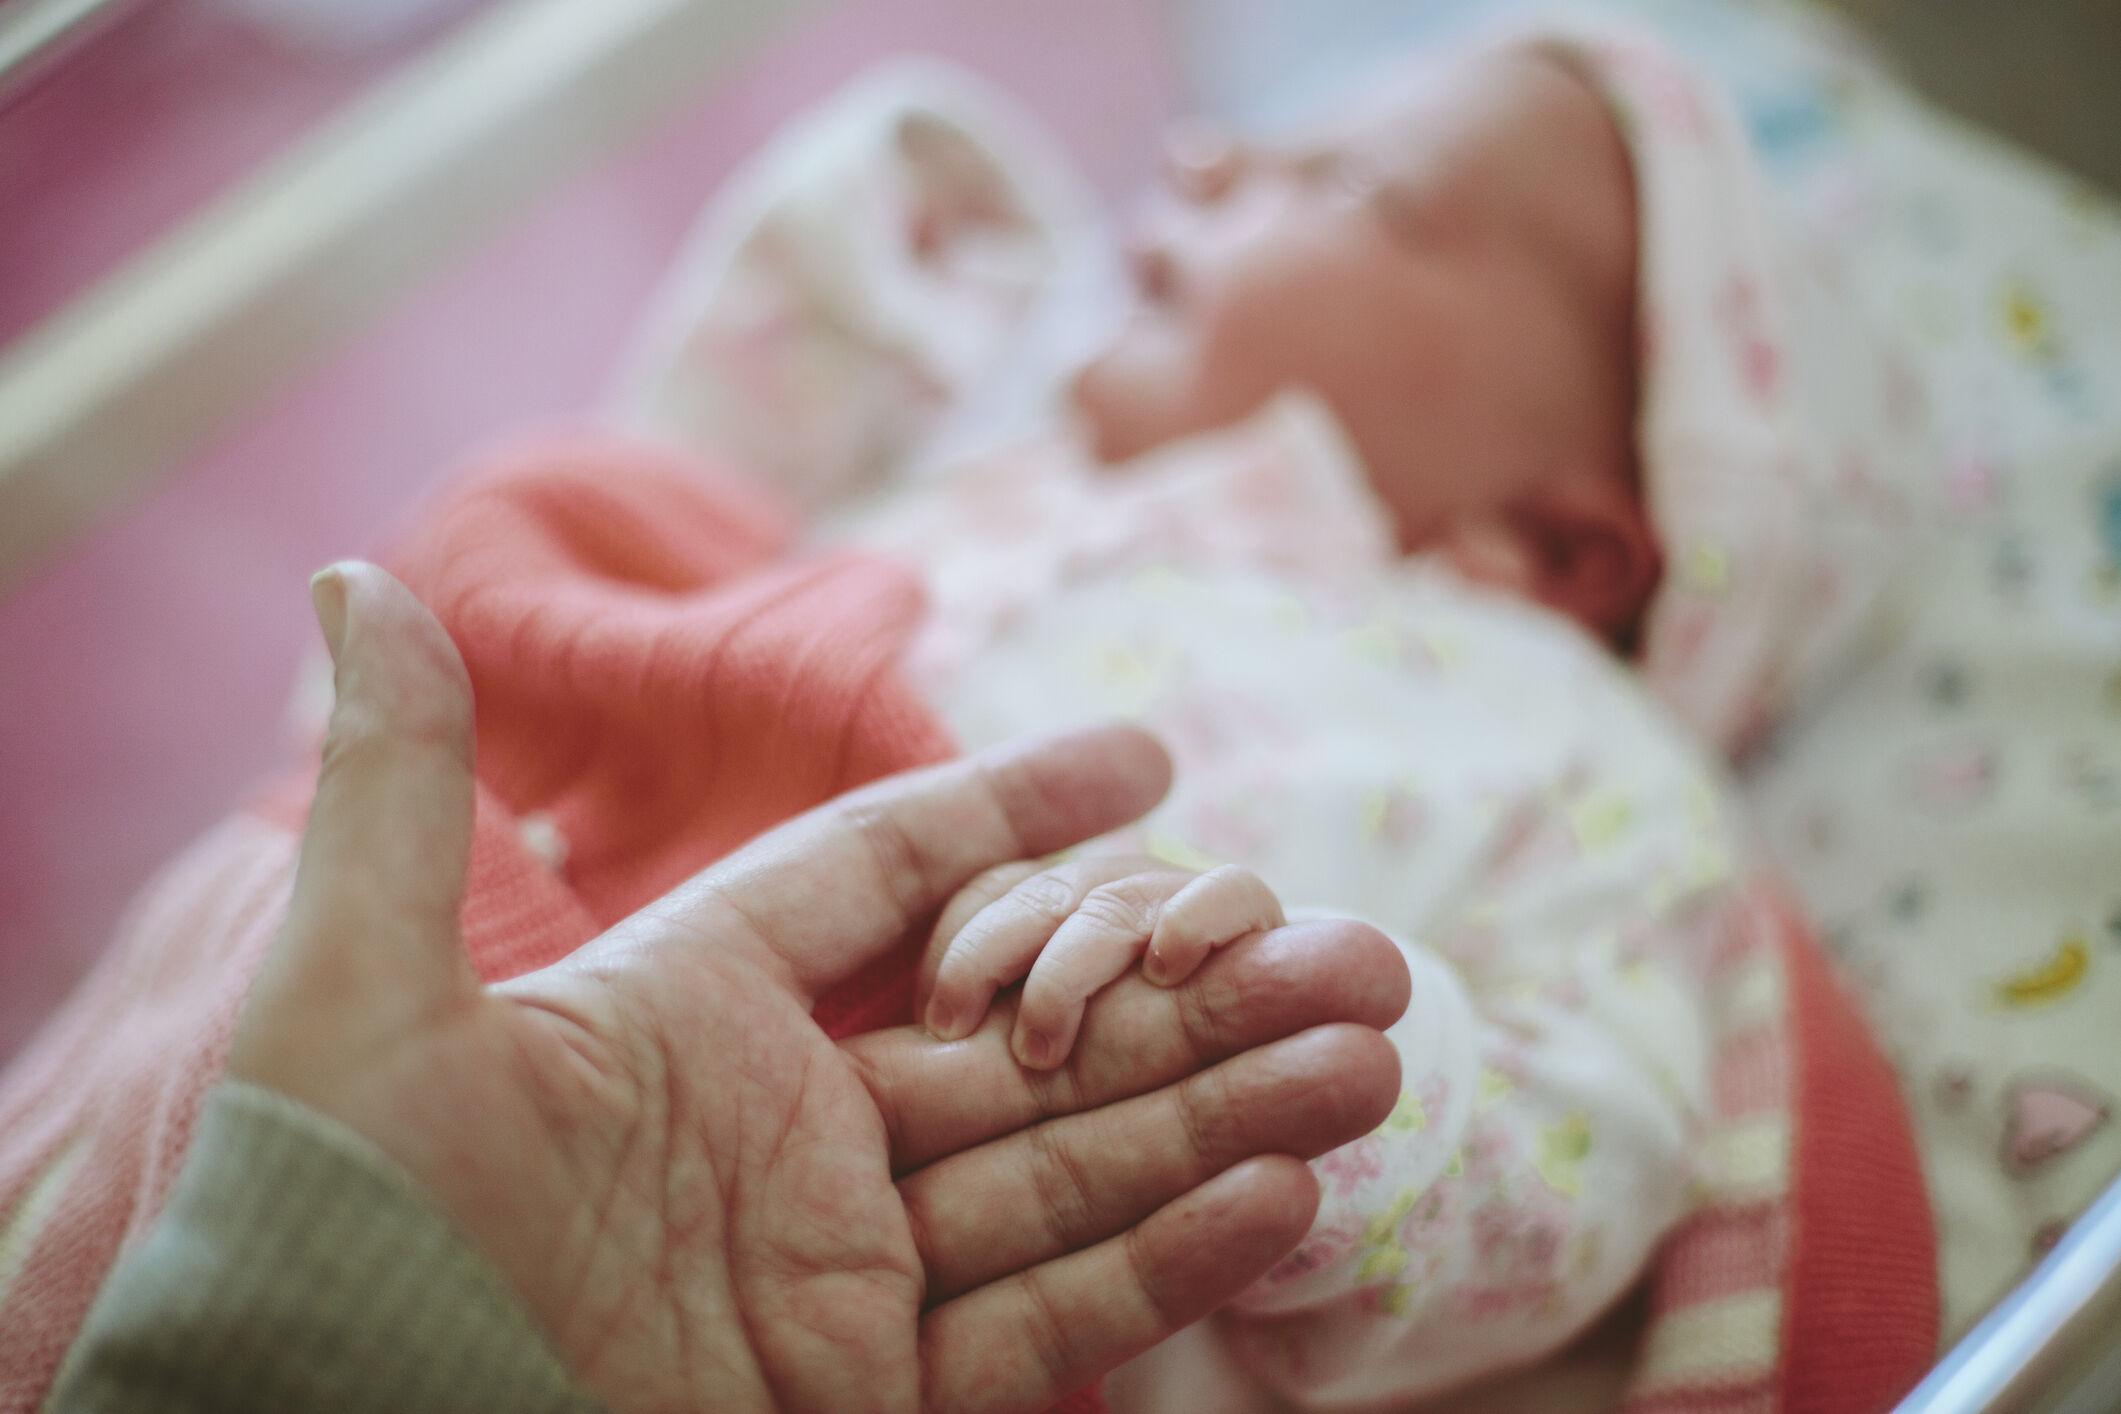 bebê recém-nascido e mãe segurando a mão